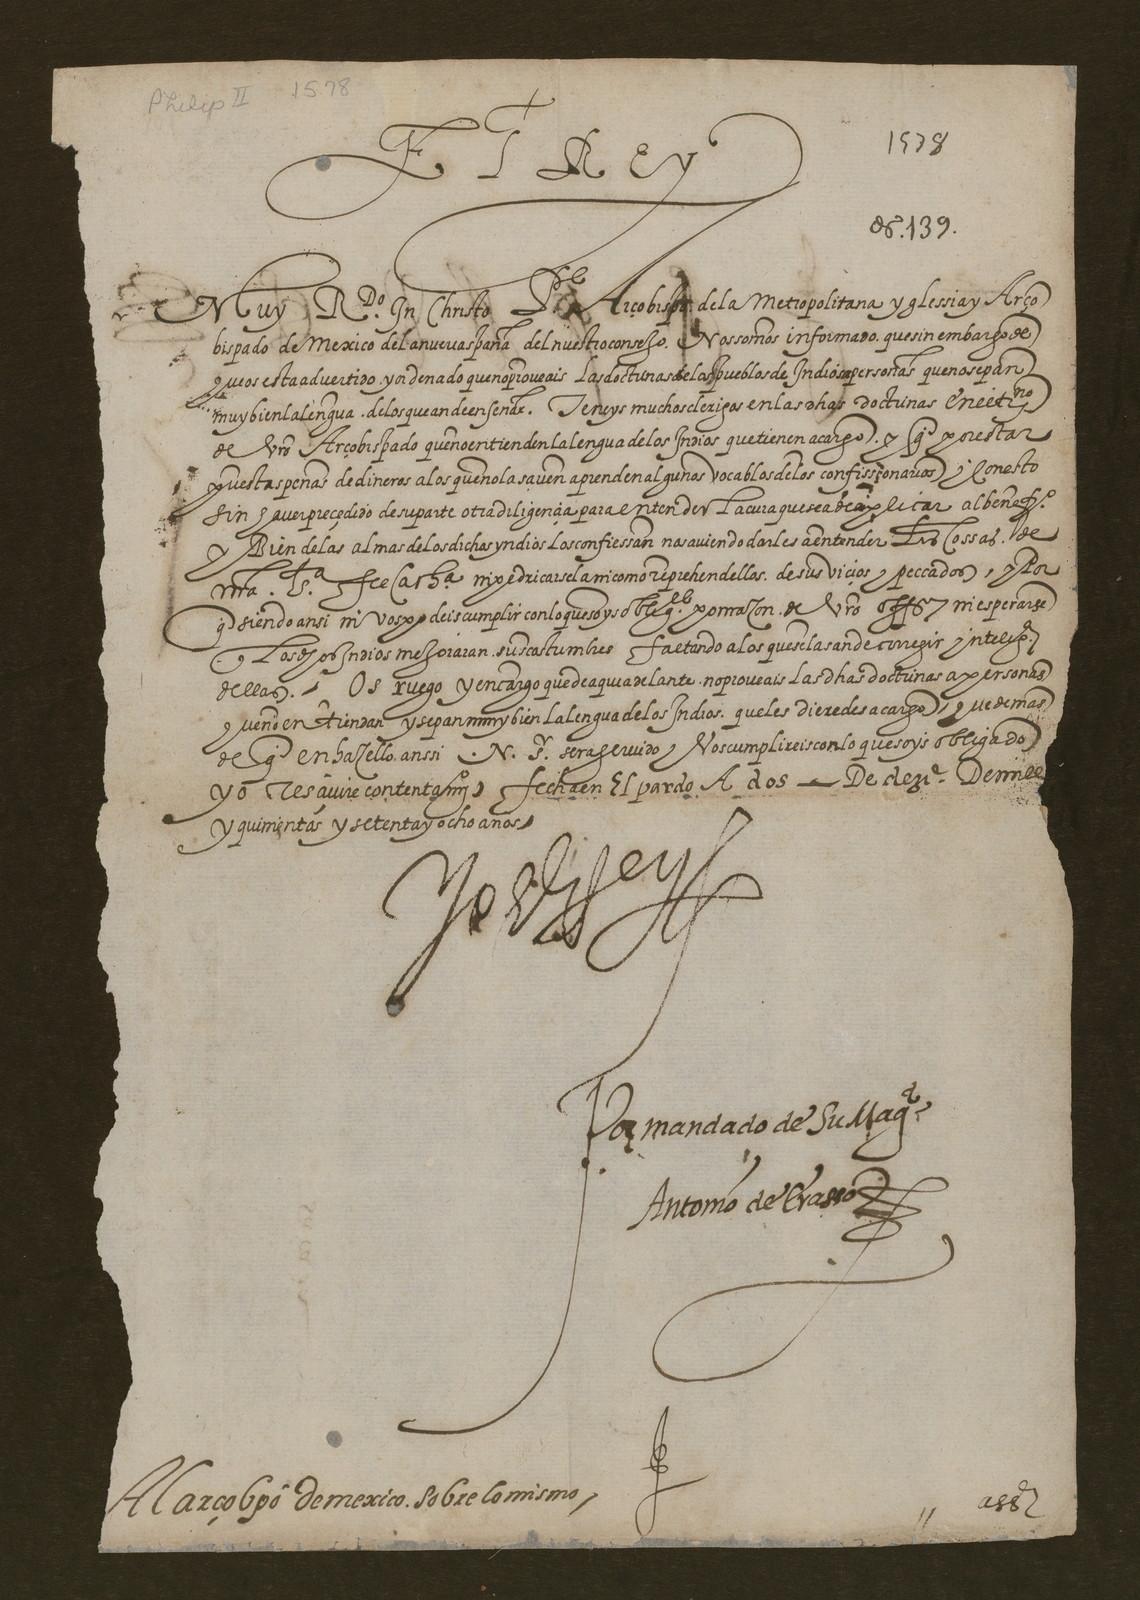 Philip II letter, 1578 Dec. 2.